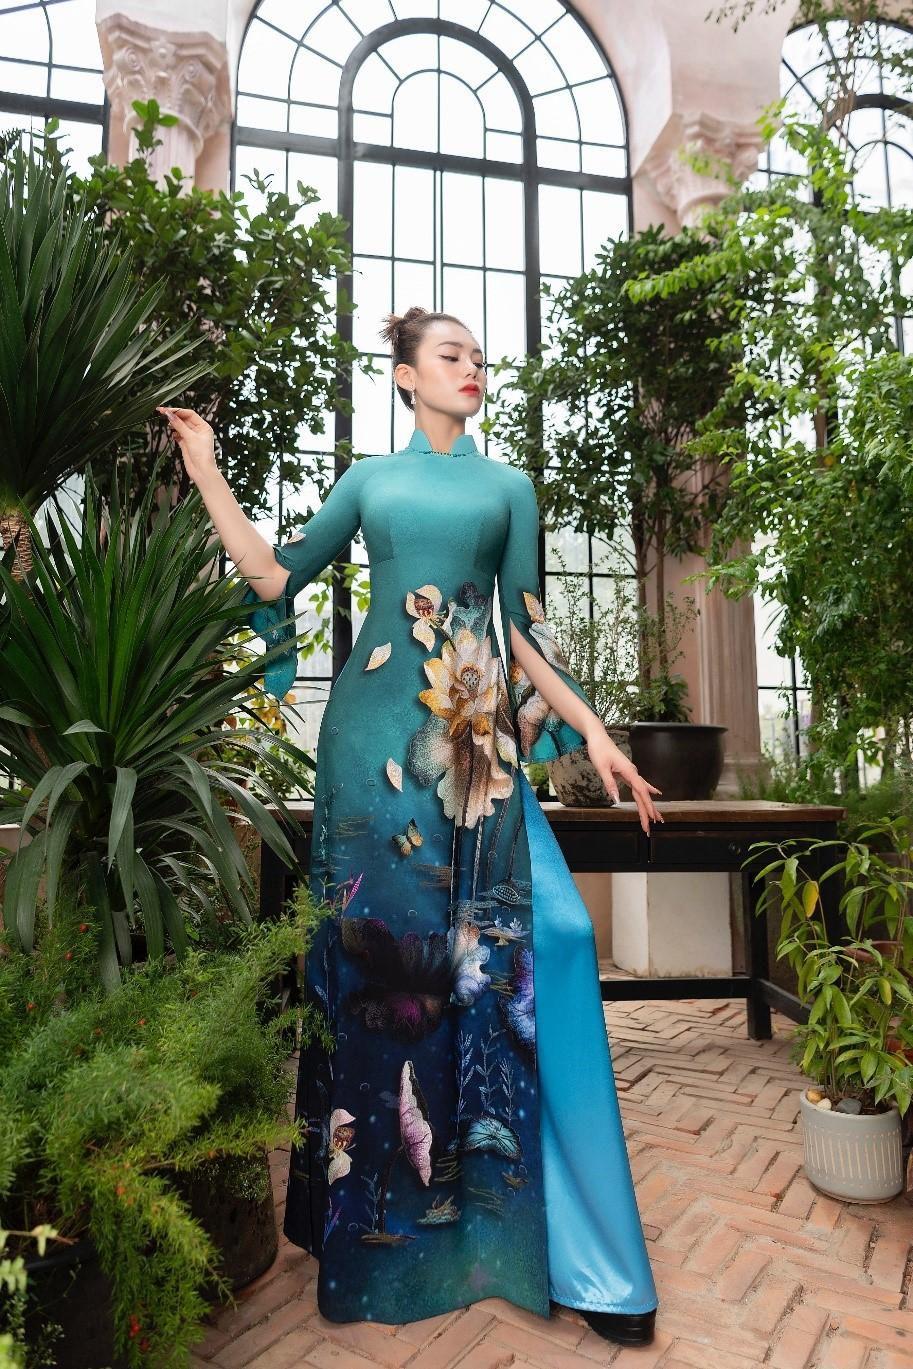 Áo dài Hoa sen truyền thống đón đầu xu thế năm 2021 Ảnh 7